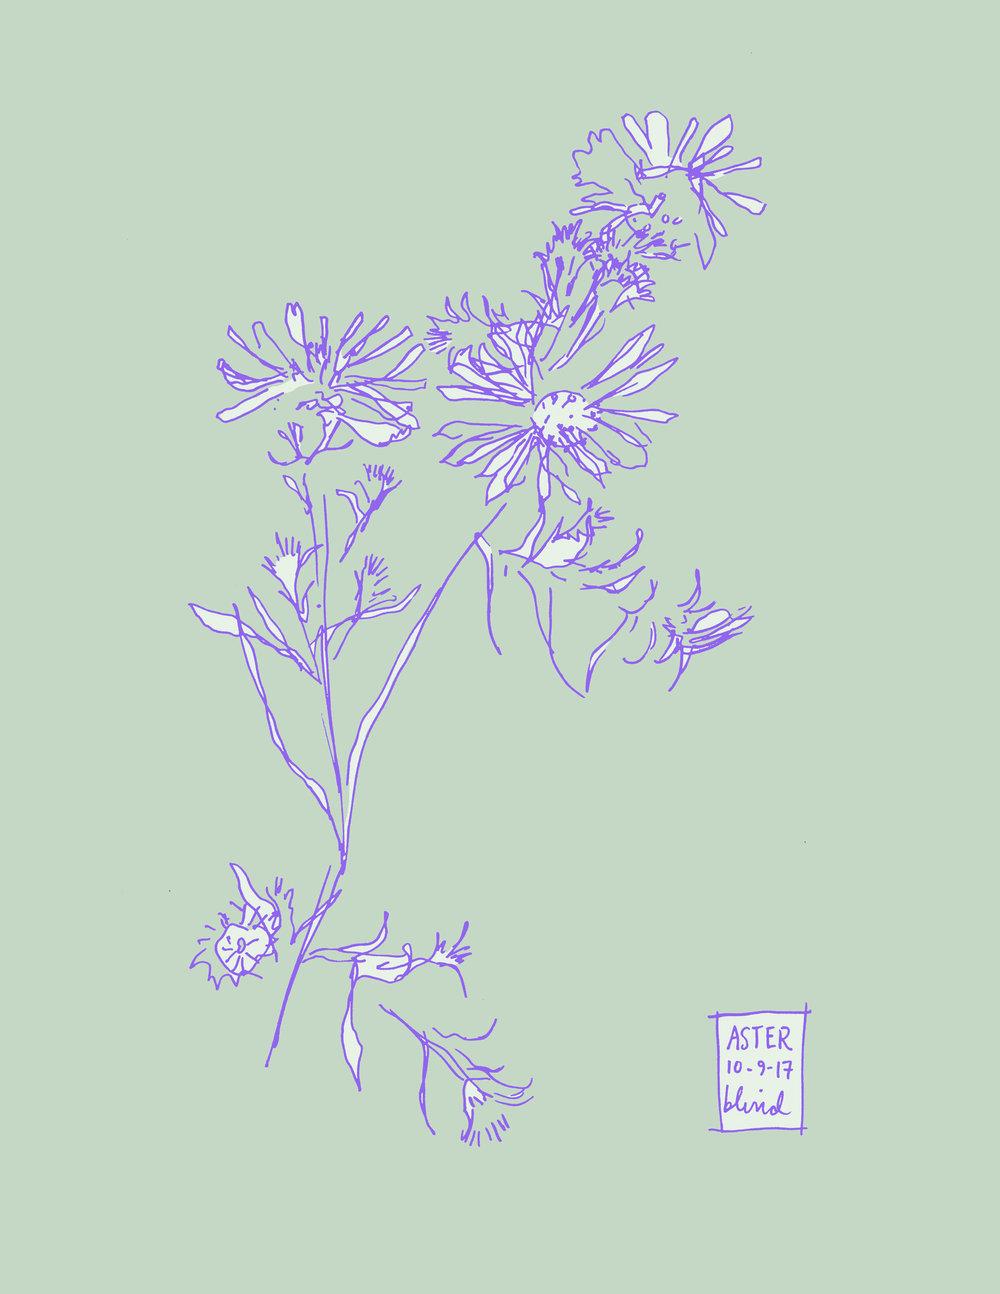 Aster botanical line illustration in color